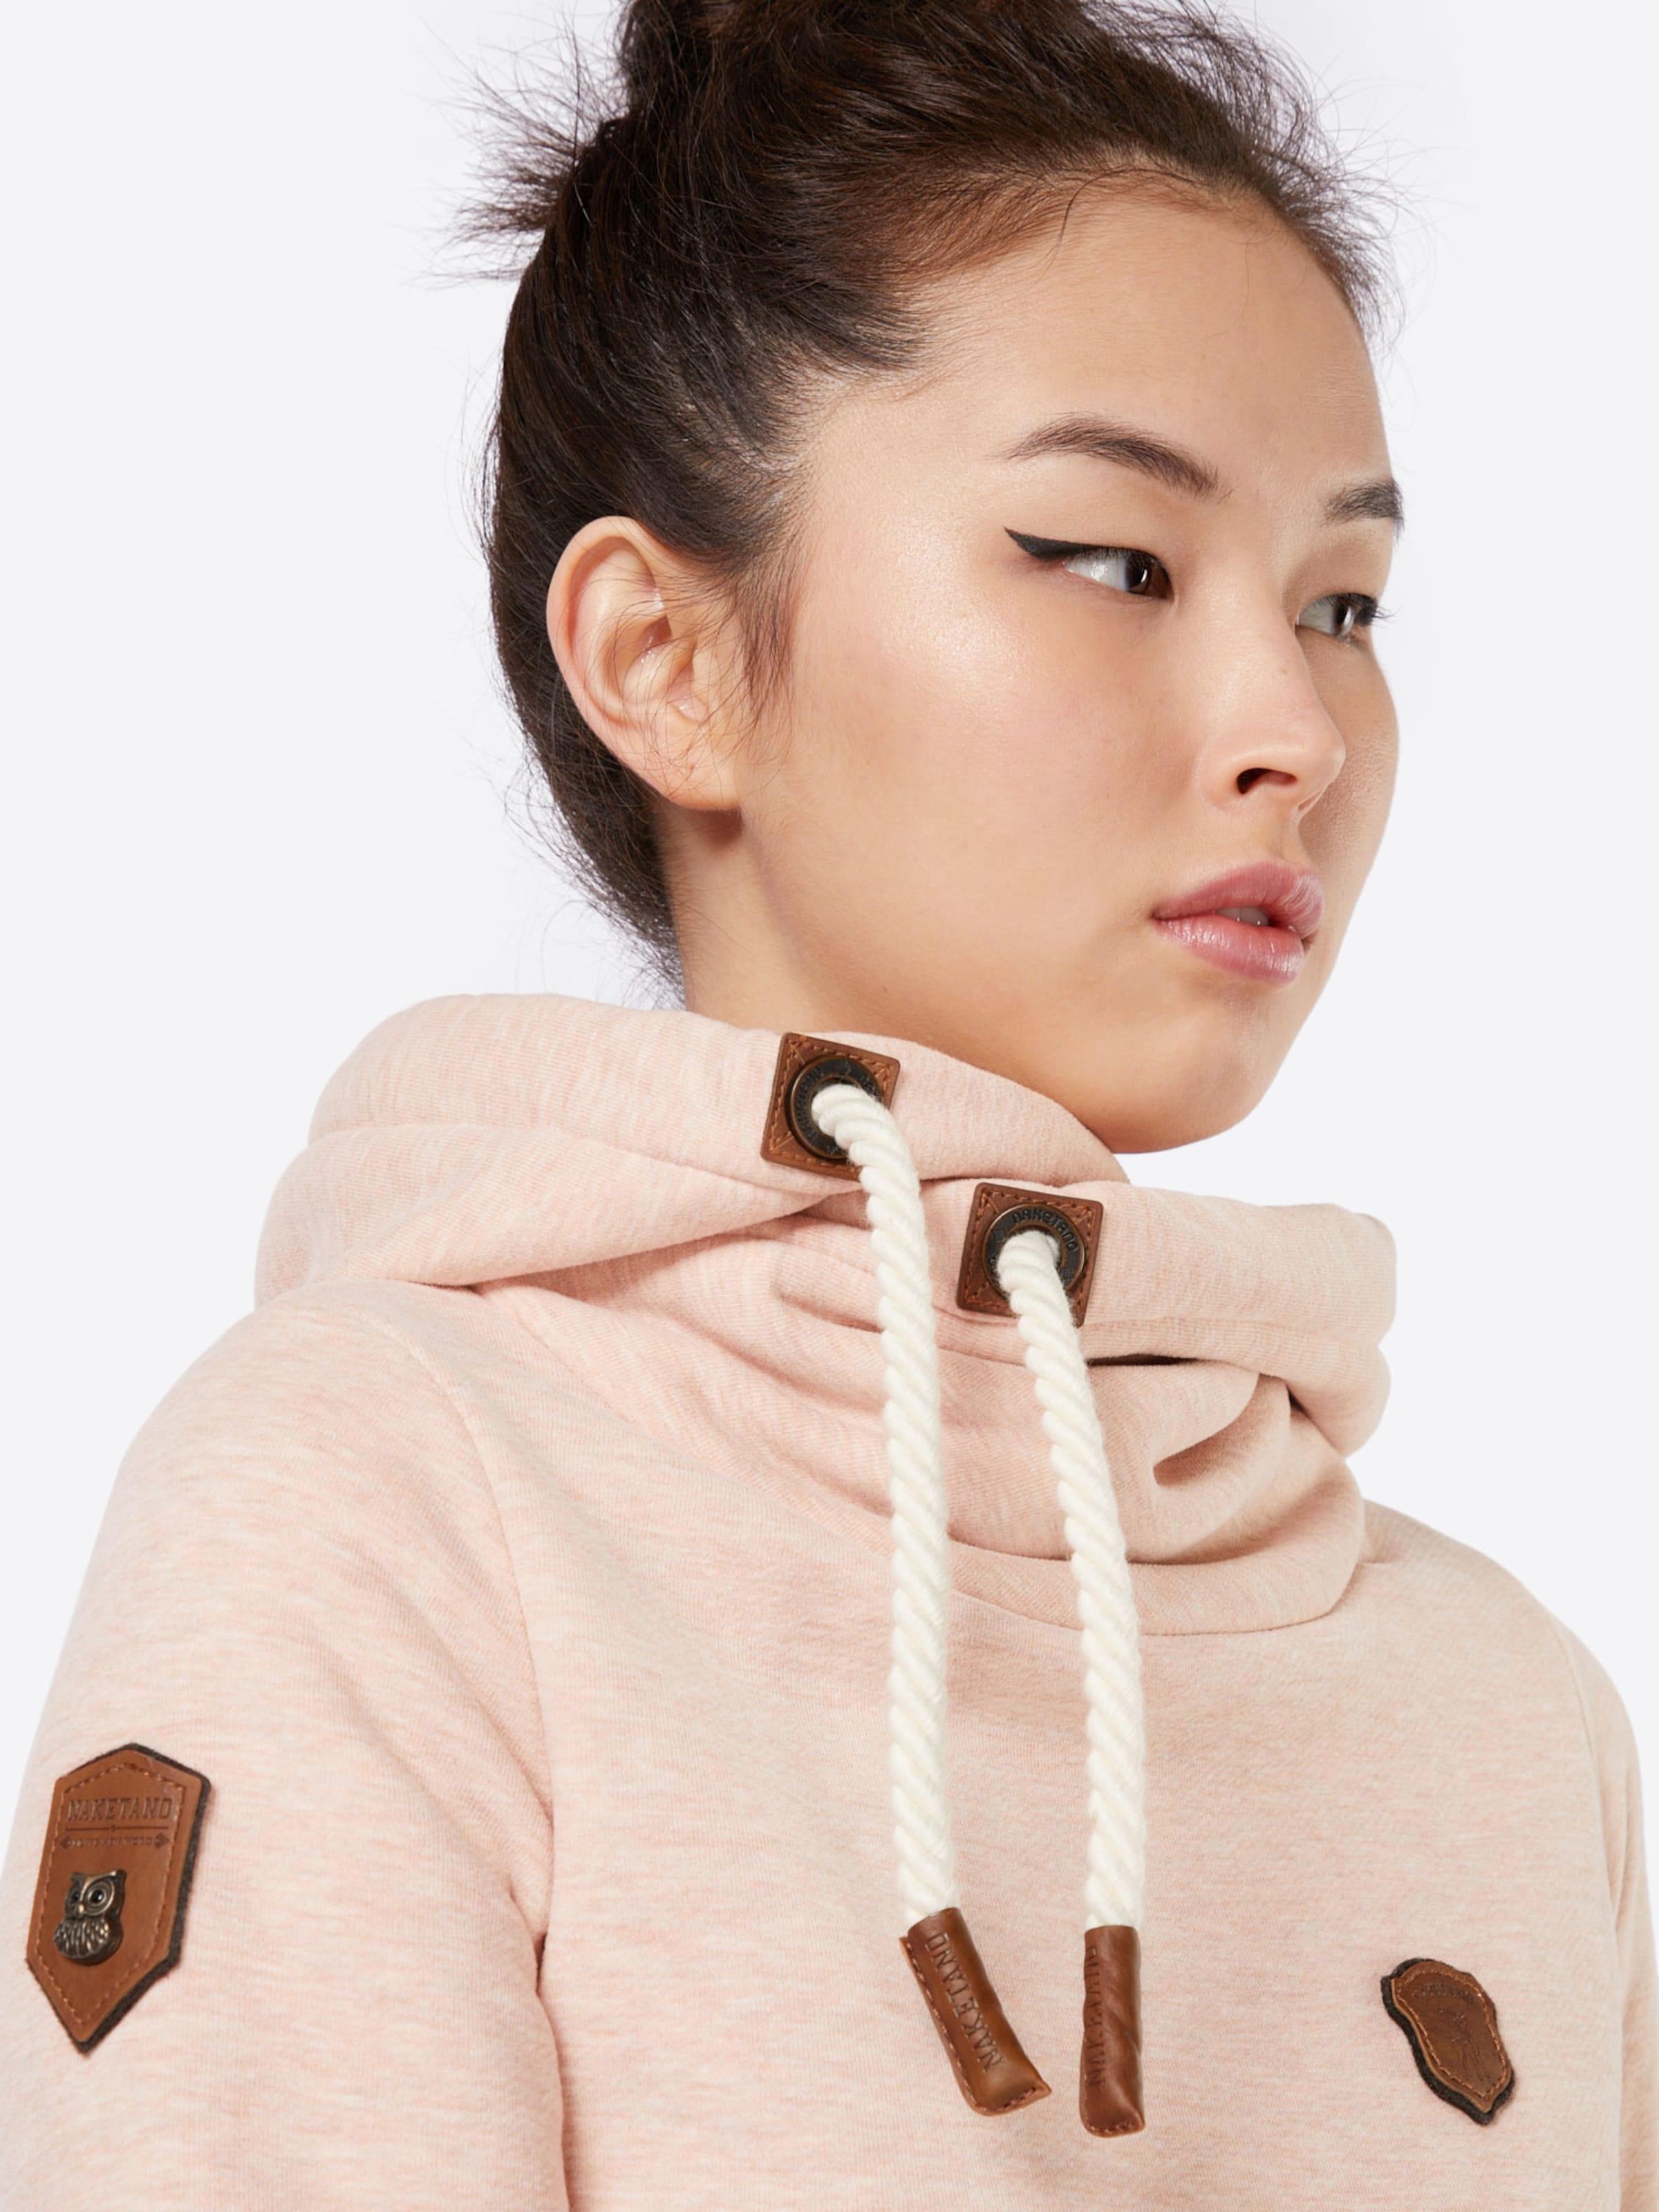 Billig Verkauf Shop naketano Sweatshirt 'Darth' Auslass Beste Ort Professionel Billig Verkaufen Billigsten 3h7eAR